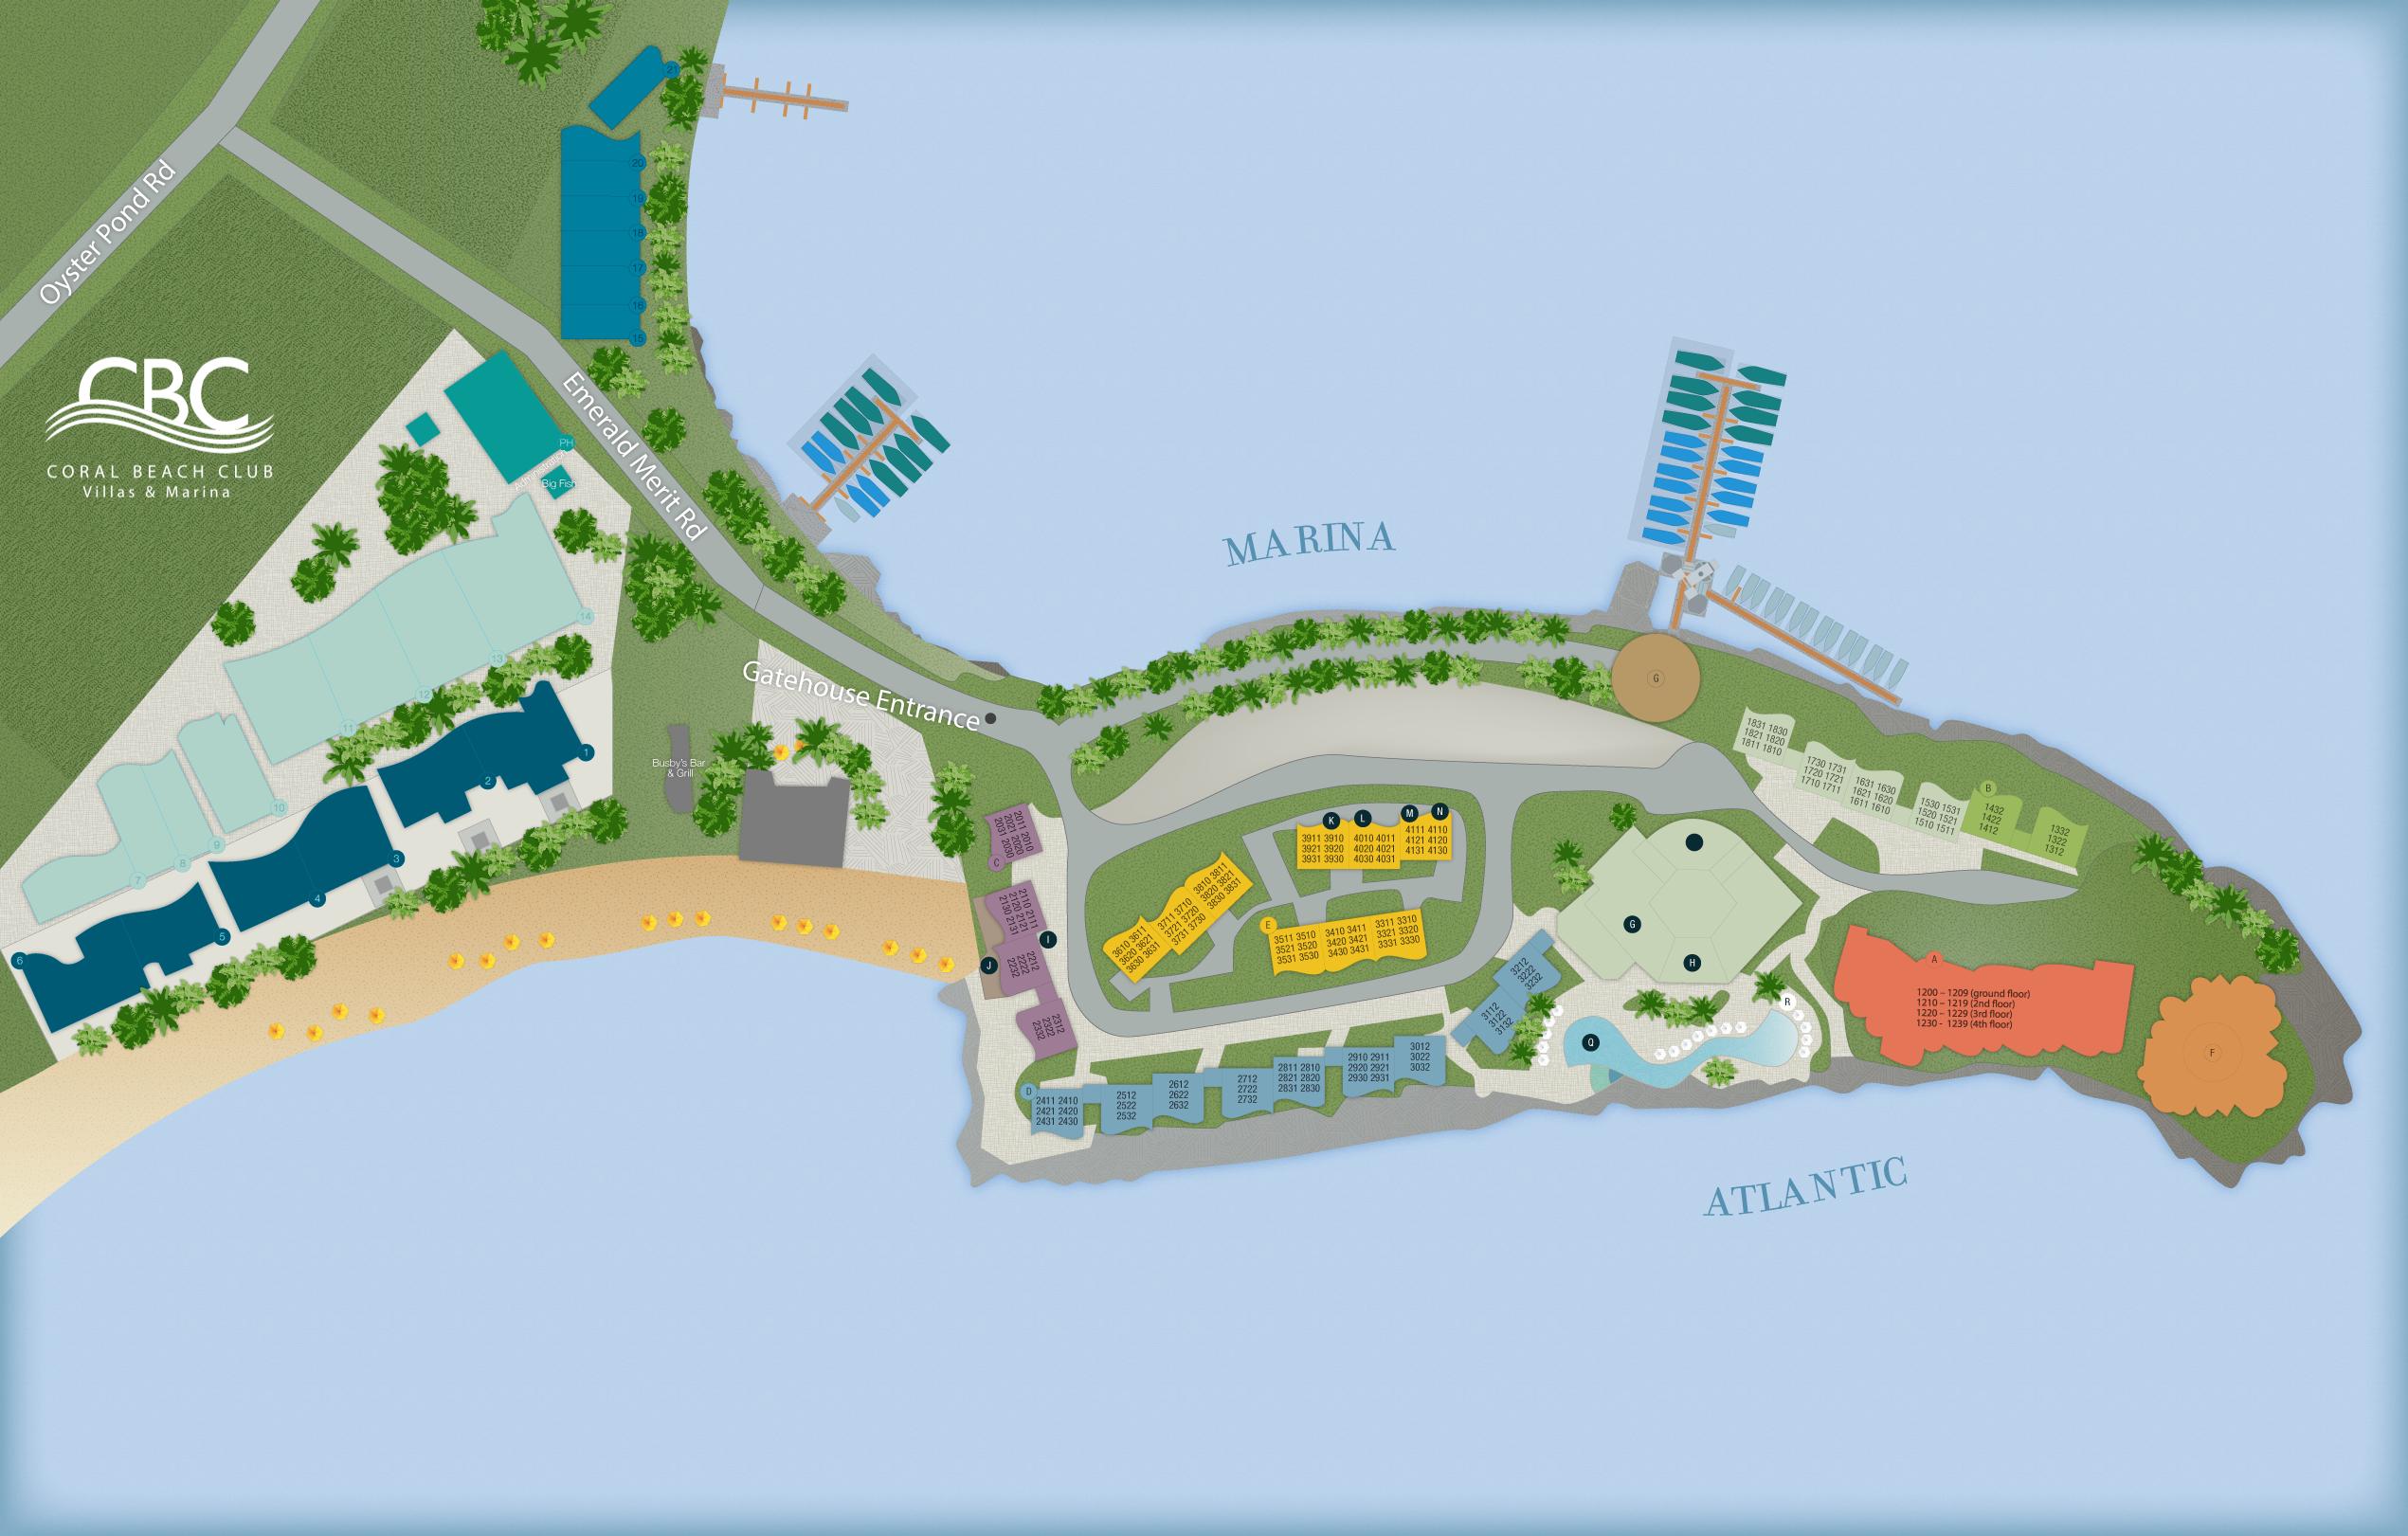 CBC_OBBR_Map